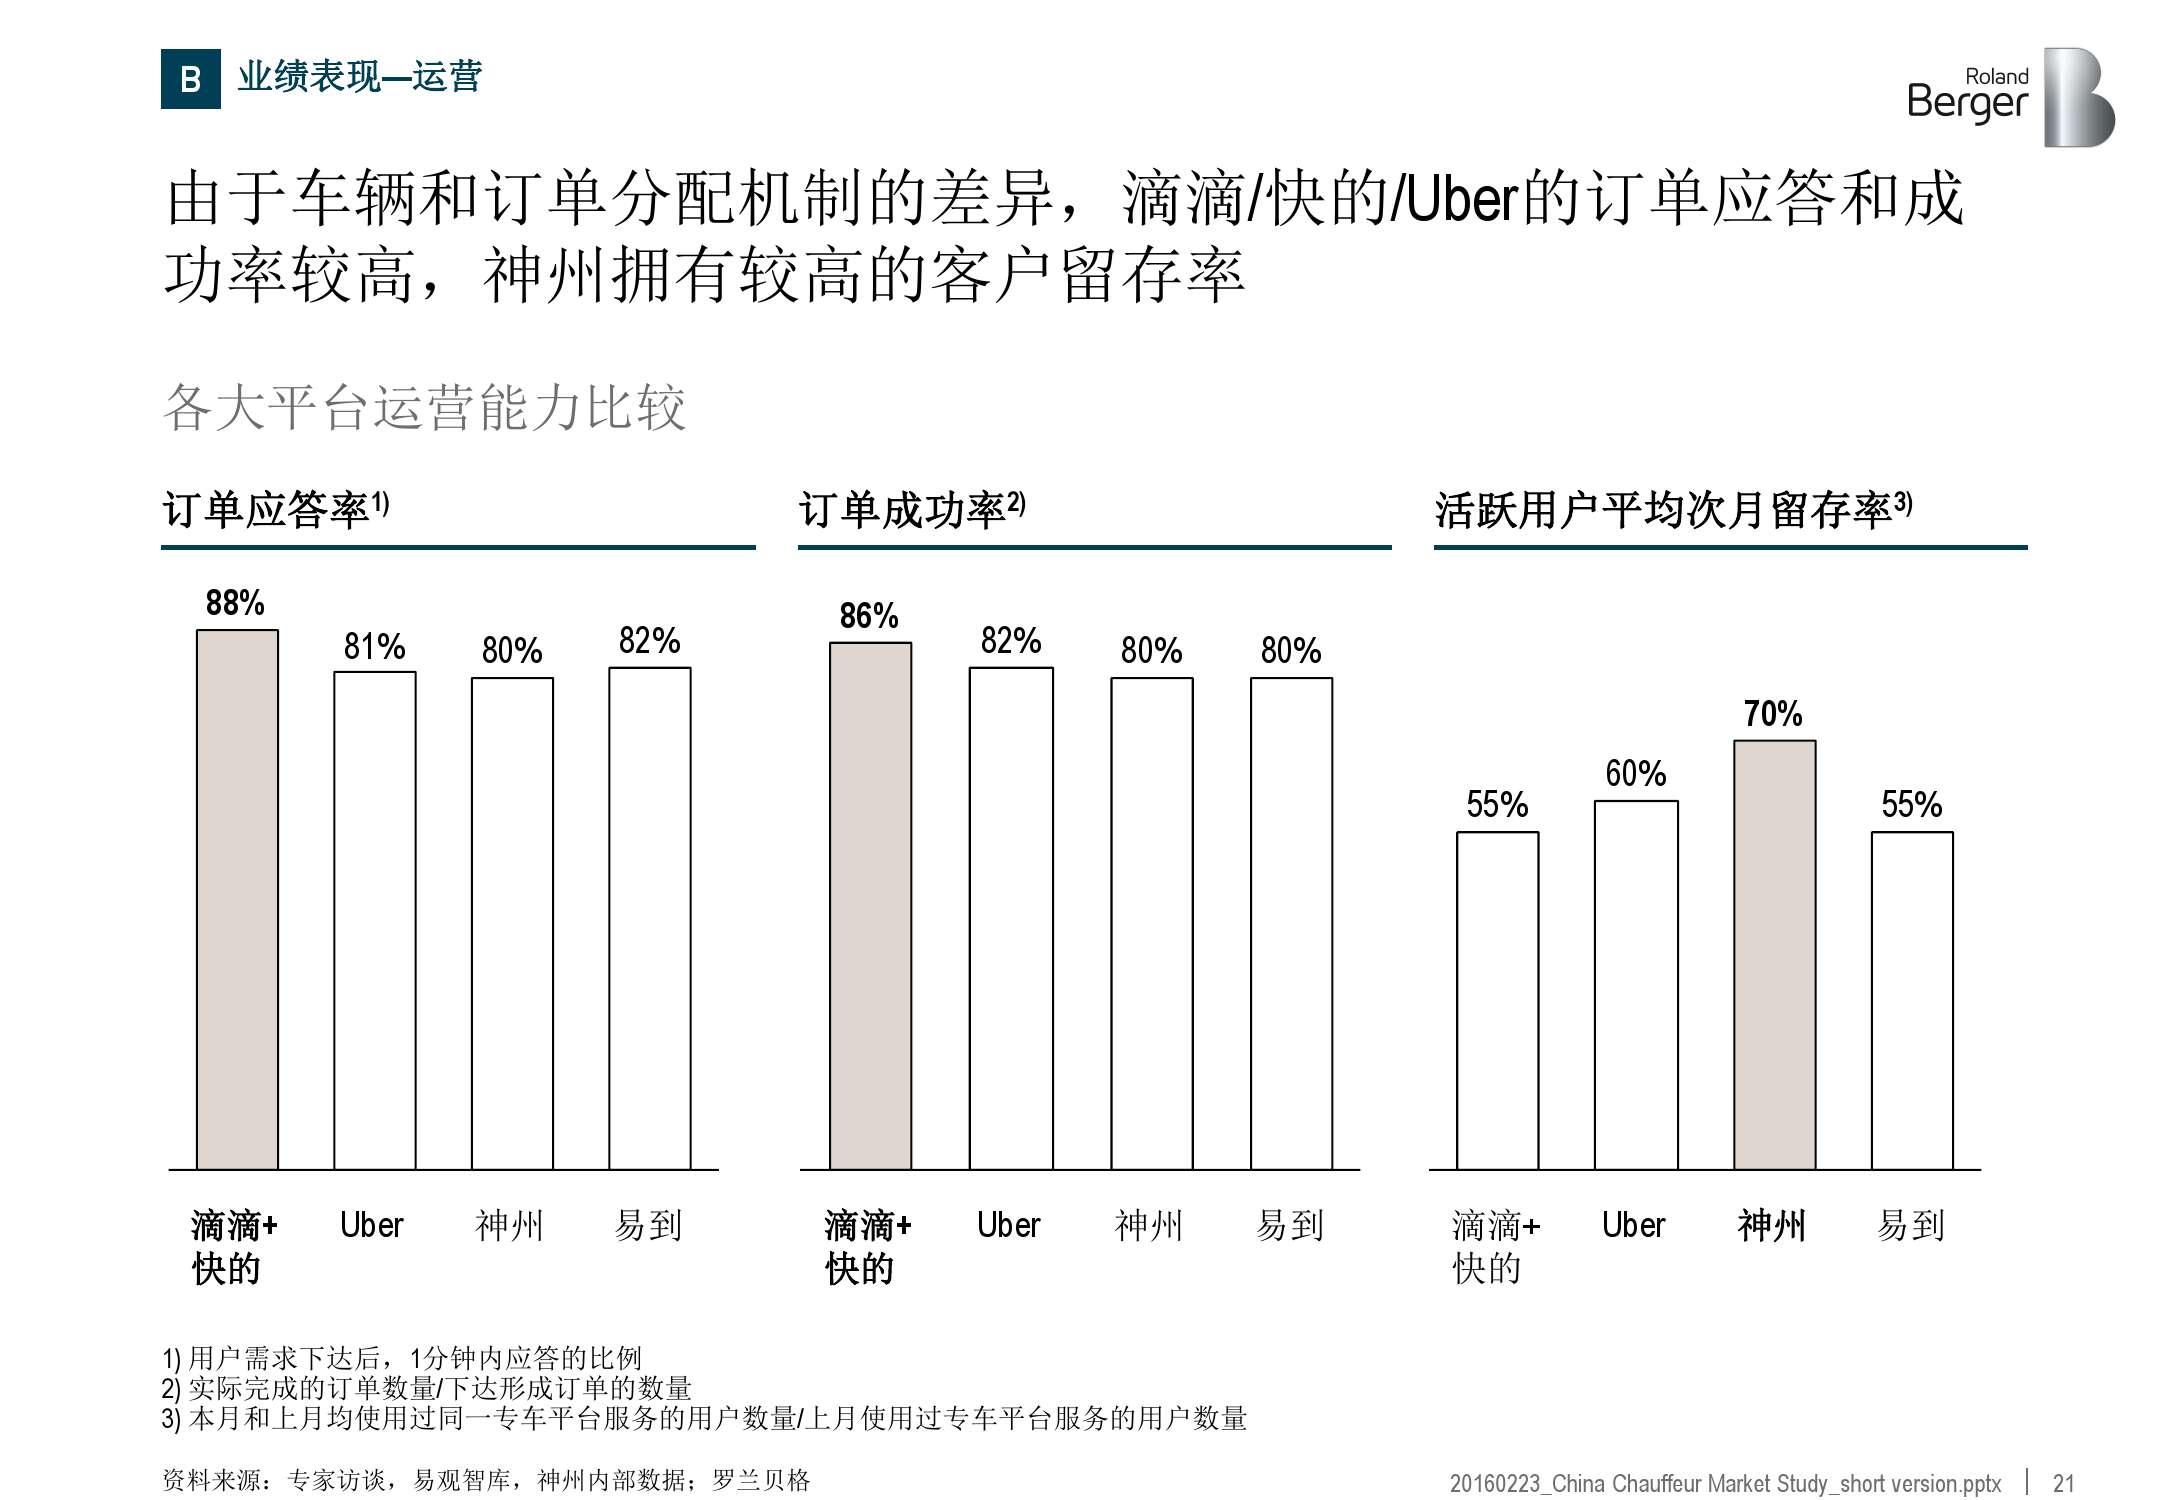 2016年中国专车市场分析报告_000021